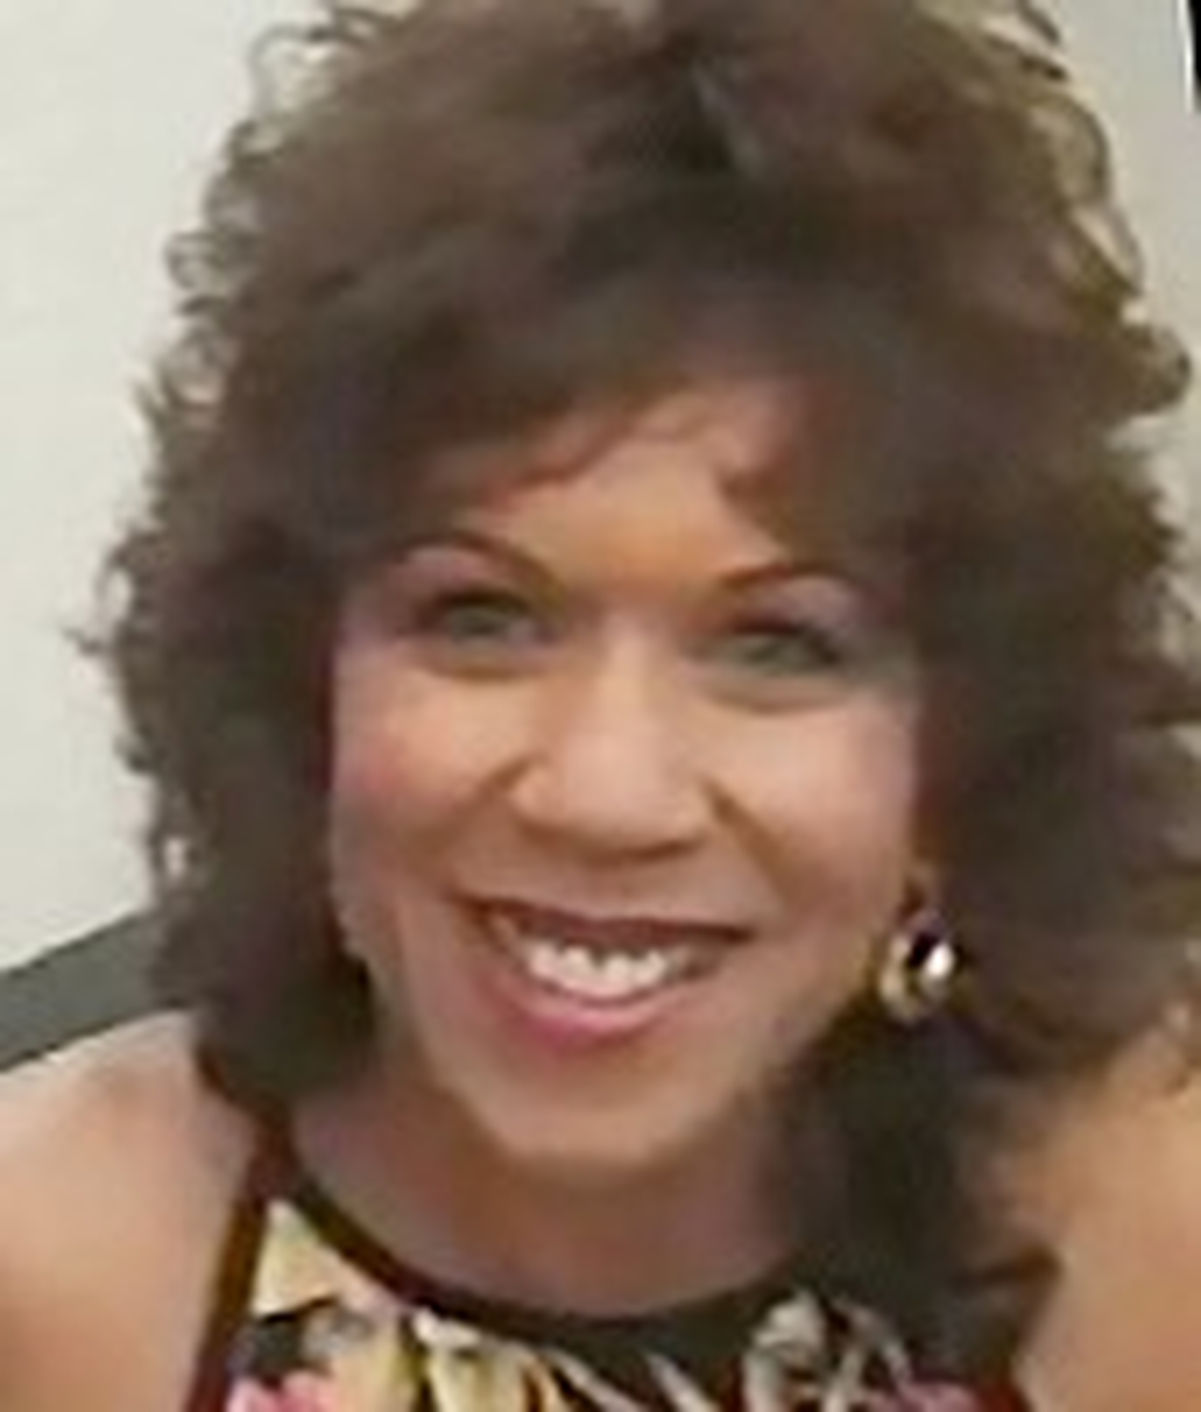 Kitana Steele